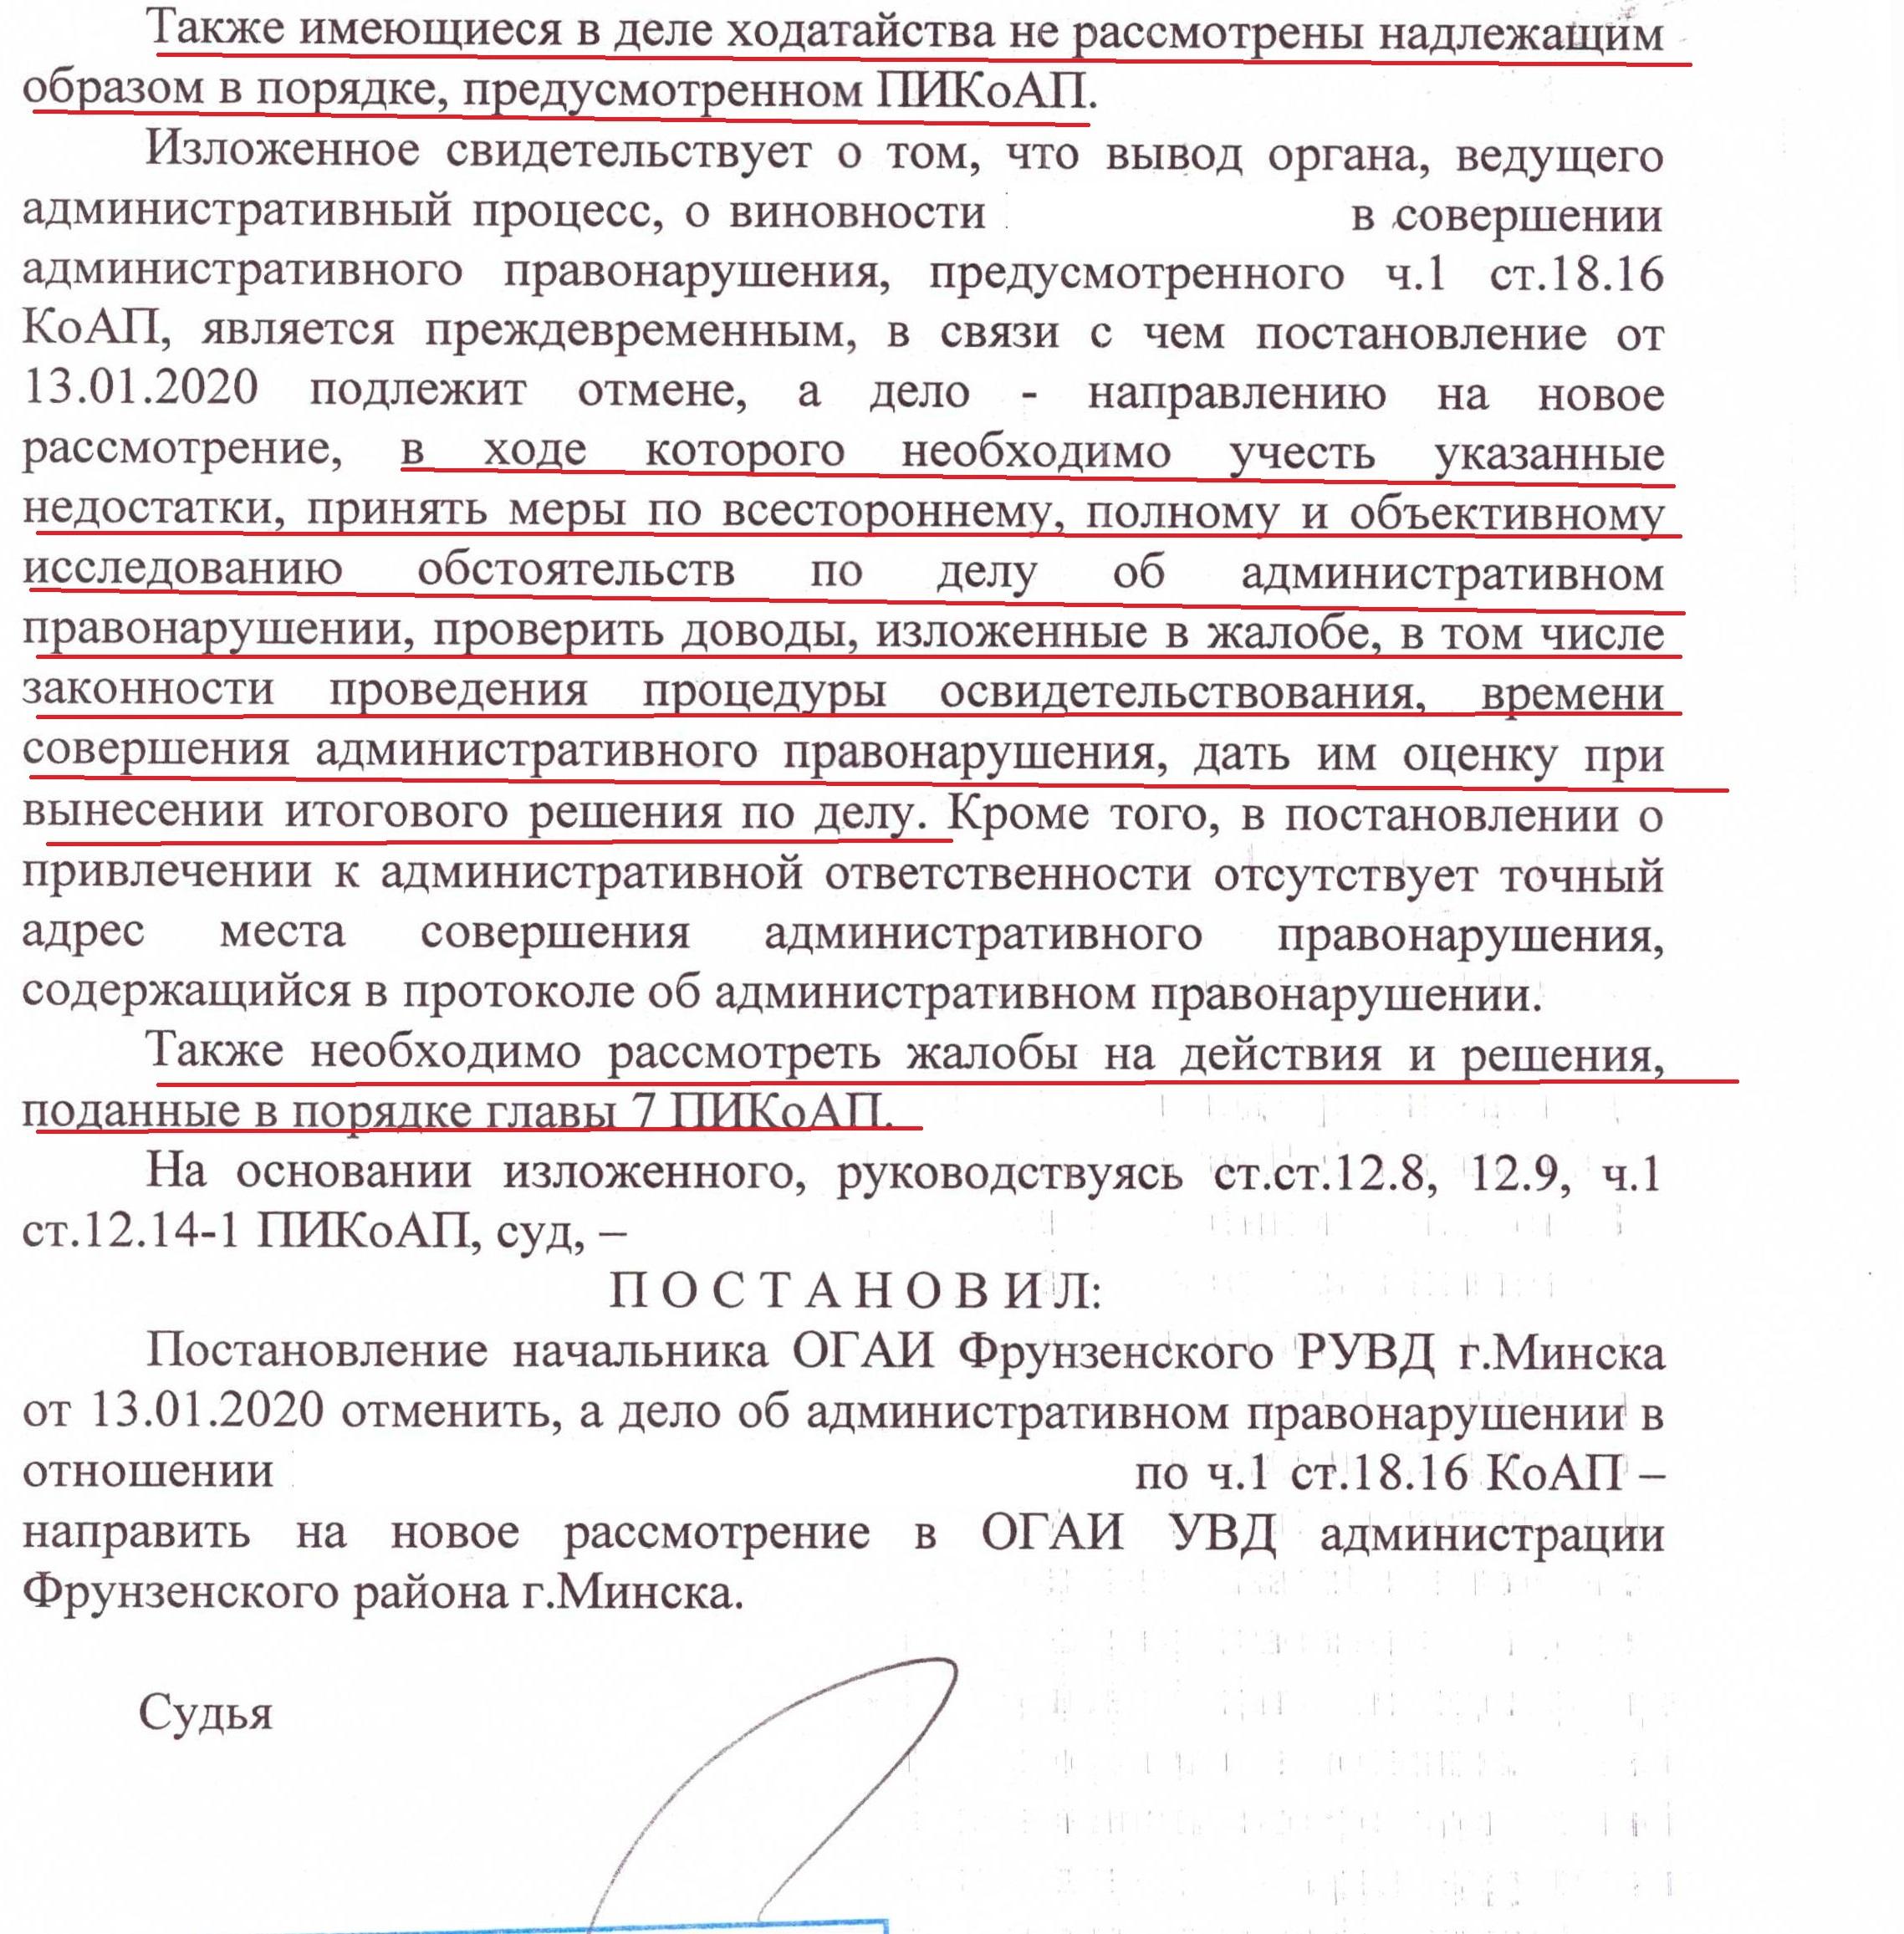 существенное нарушение ПИКоАП: указания судьи Фрунезенского района Млечко